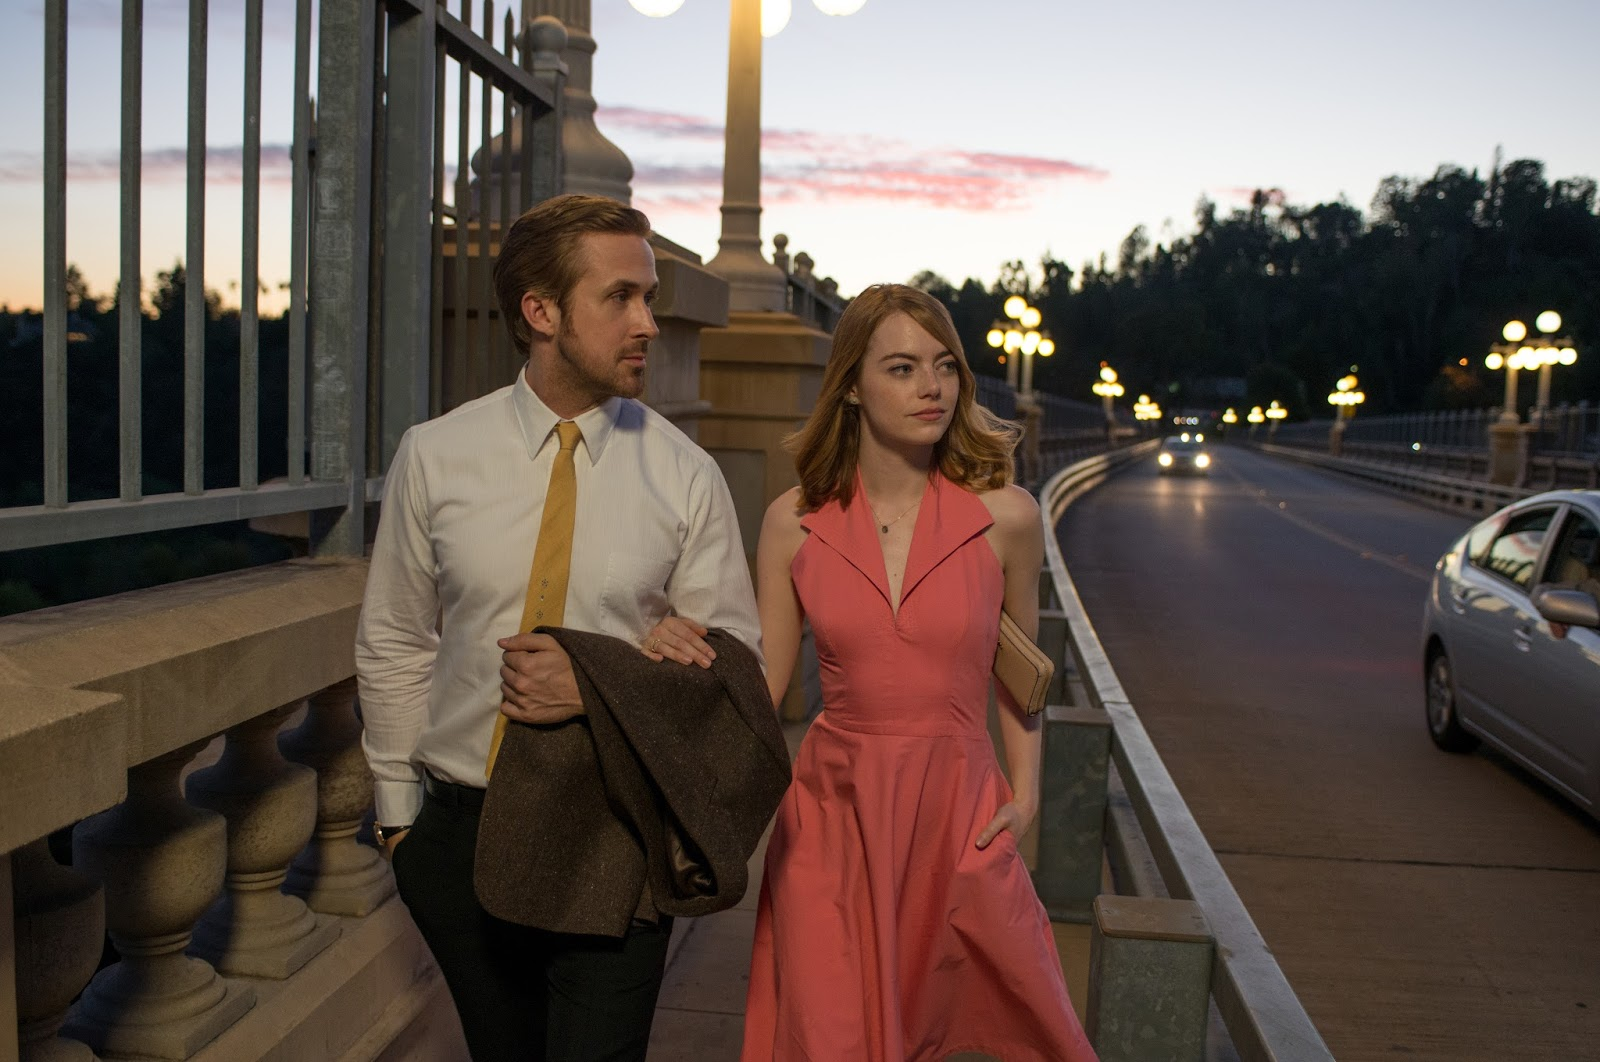 Ryan Gosling y Emma Stone - LaLaLand Vestido durazno